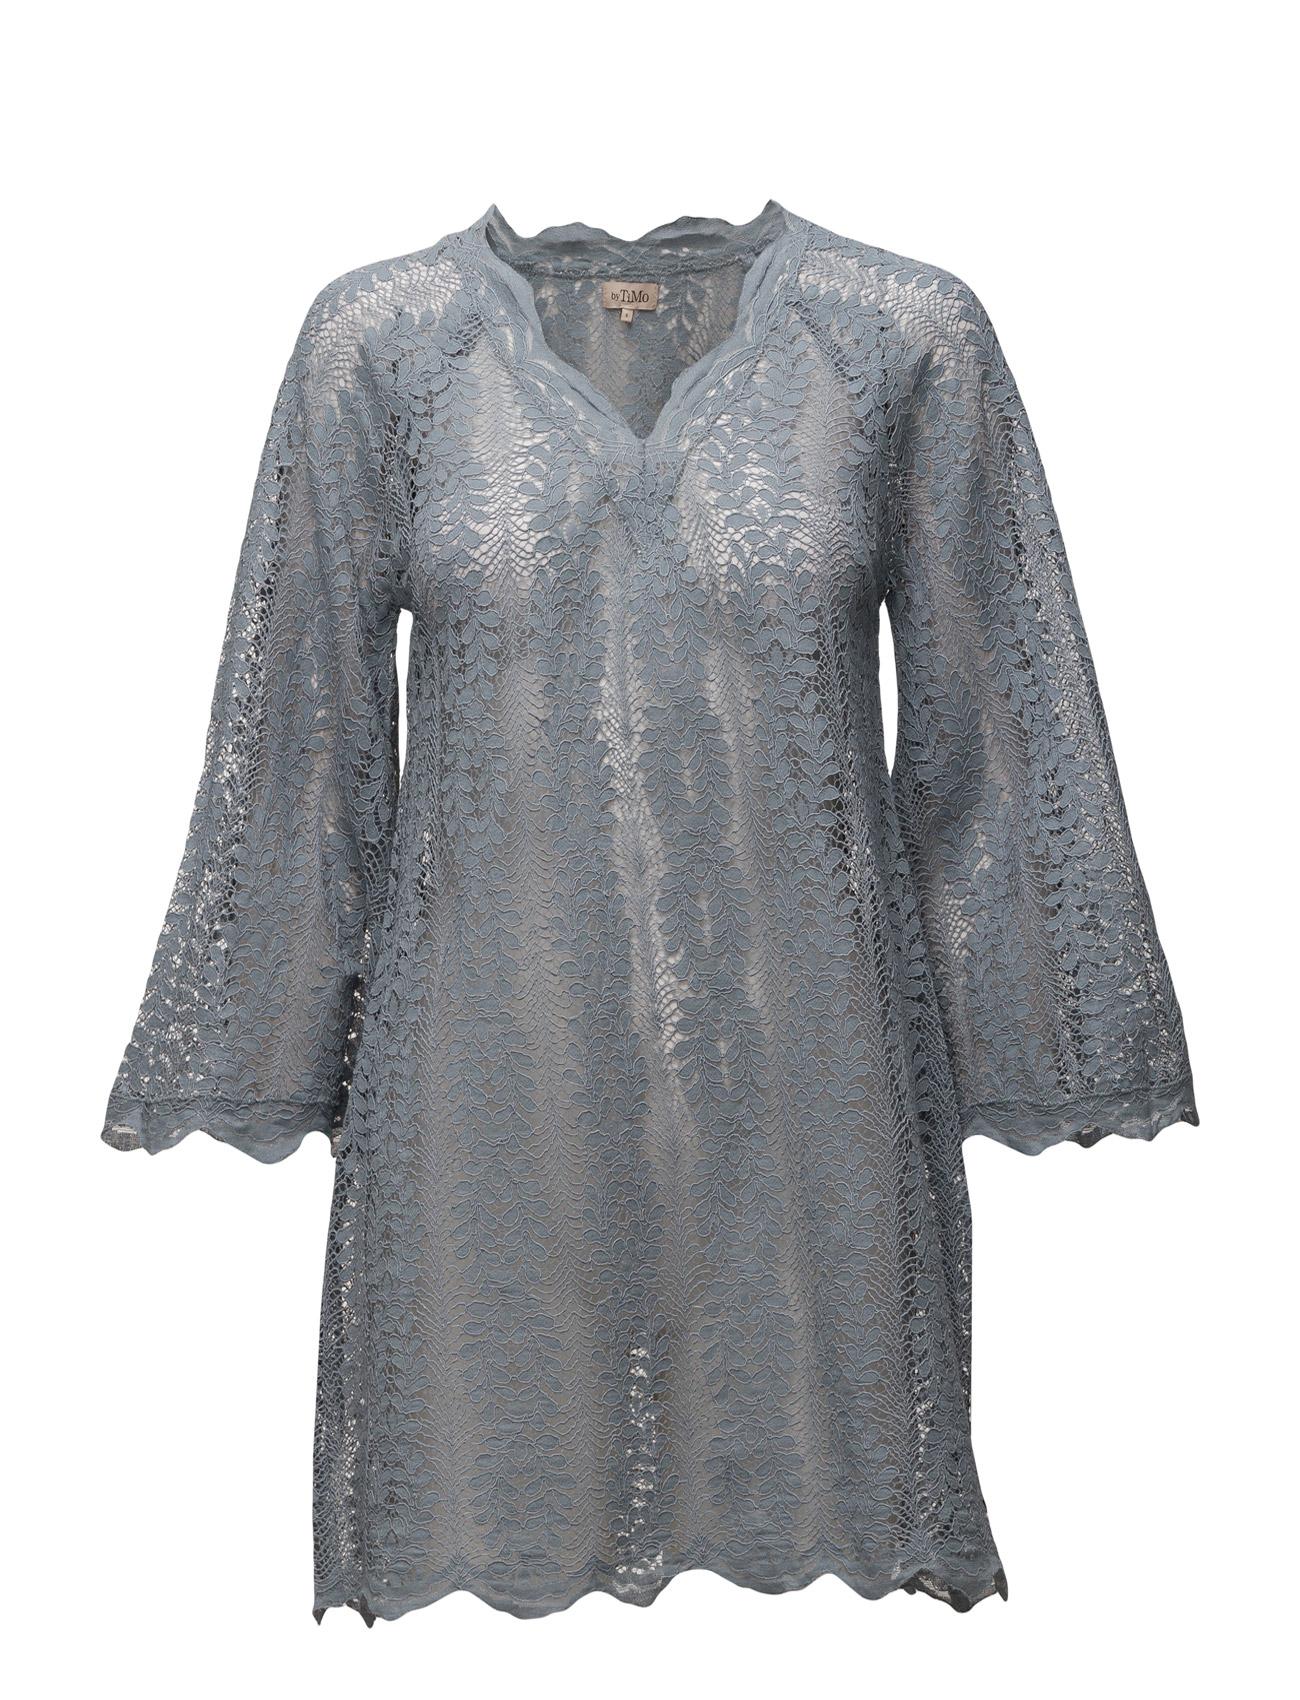 Lace A-Line Dress by Ti Mo Knælange & mellemlange til Damer i